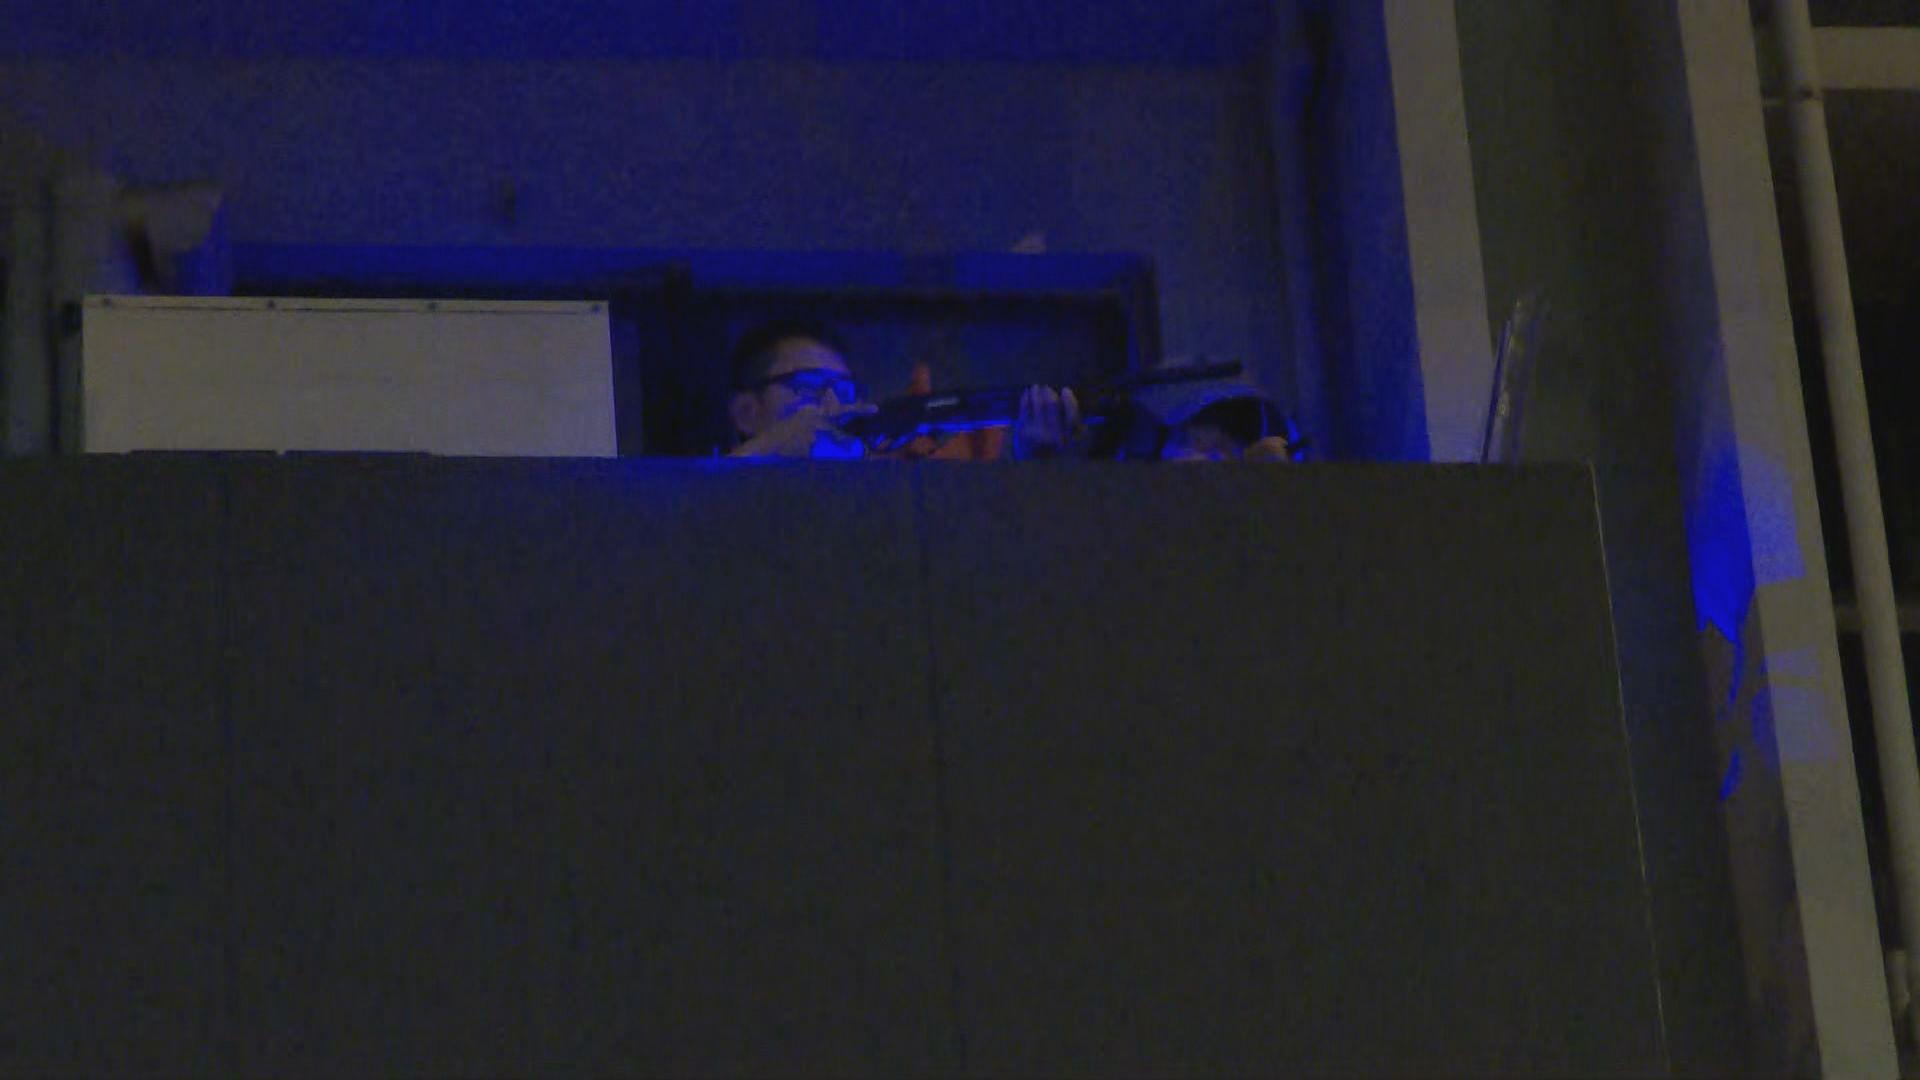 警員疑旺角警署樓上發射布袋彈擊中示威者